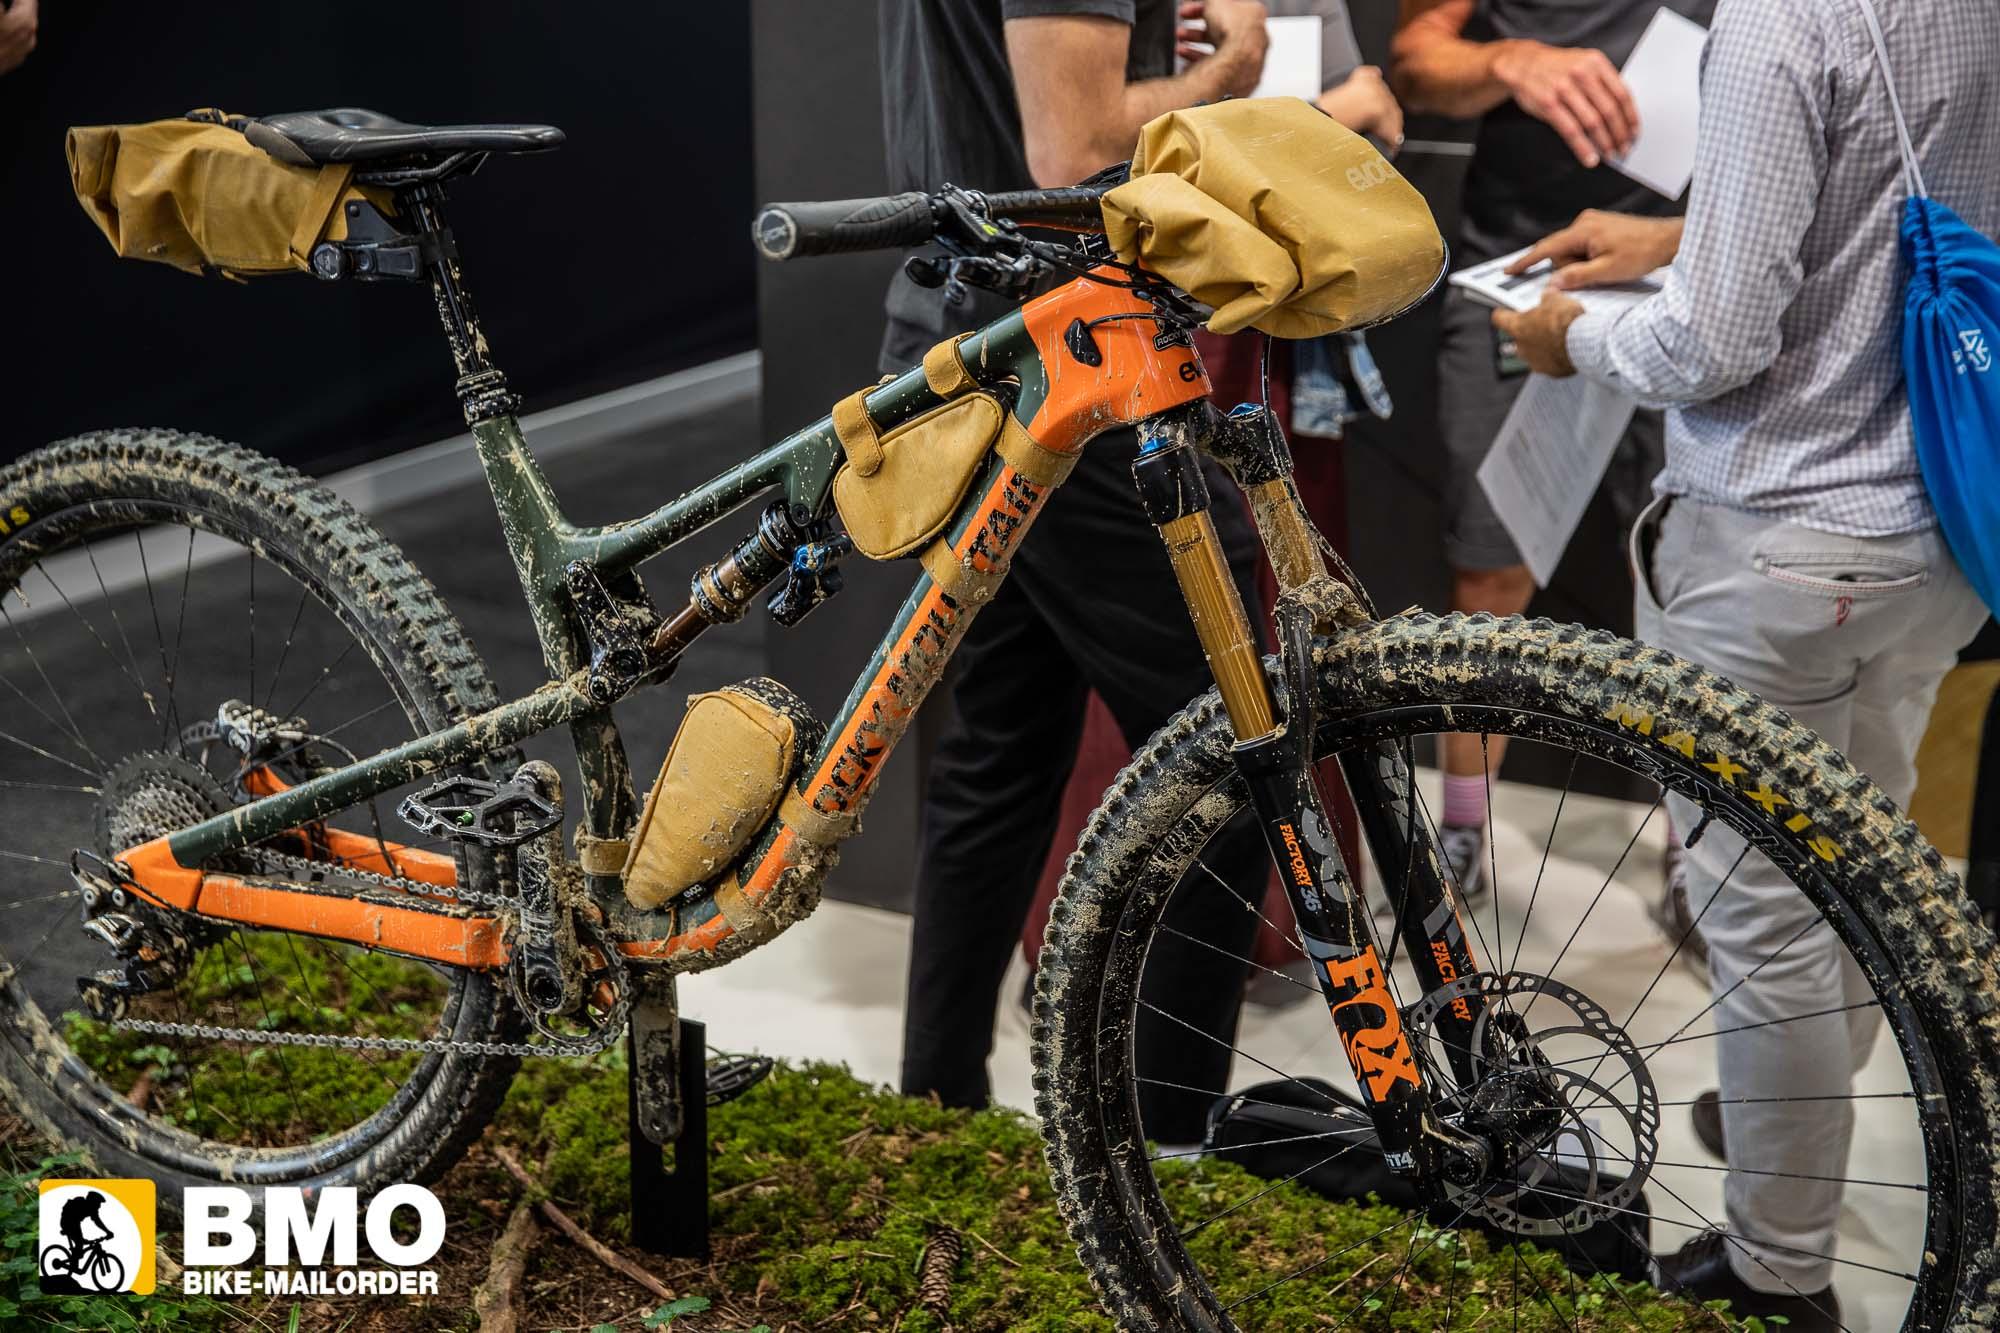 Bike-Mailorder_eurobike-2019-20